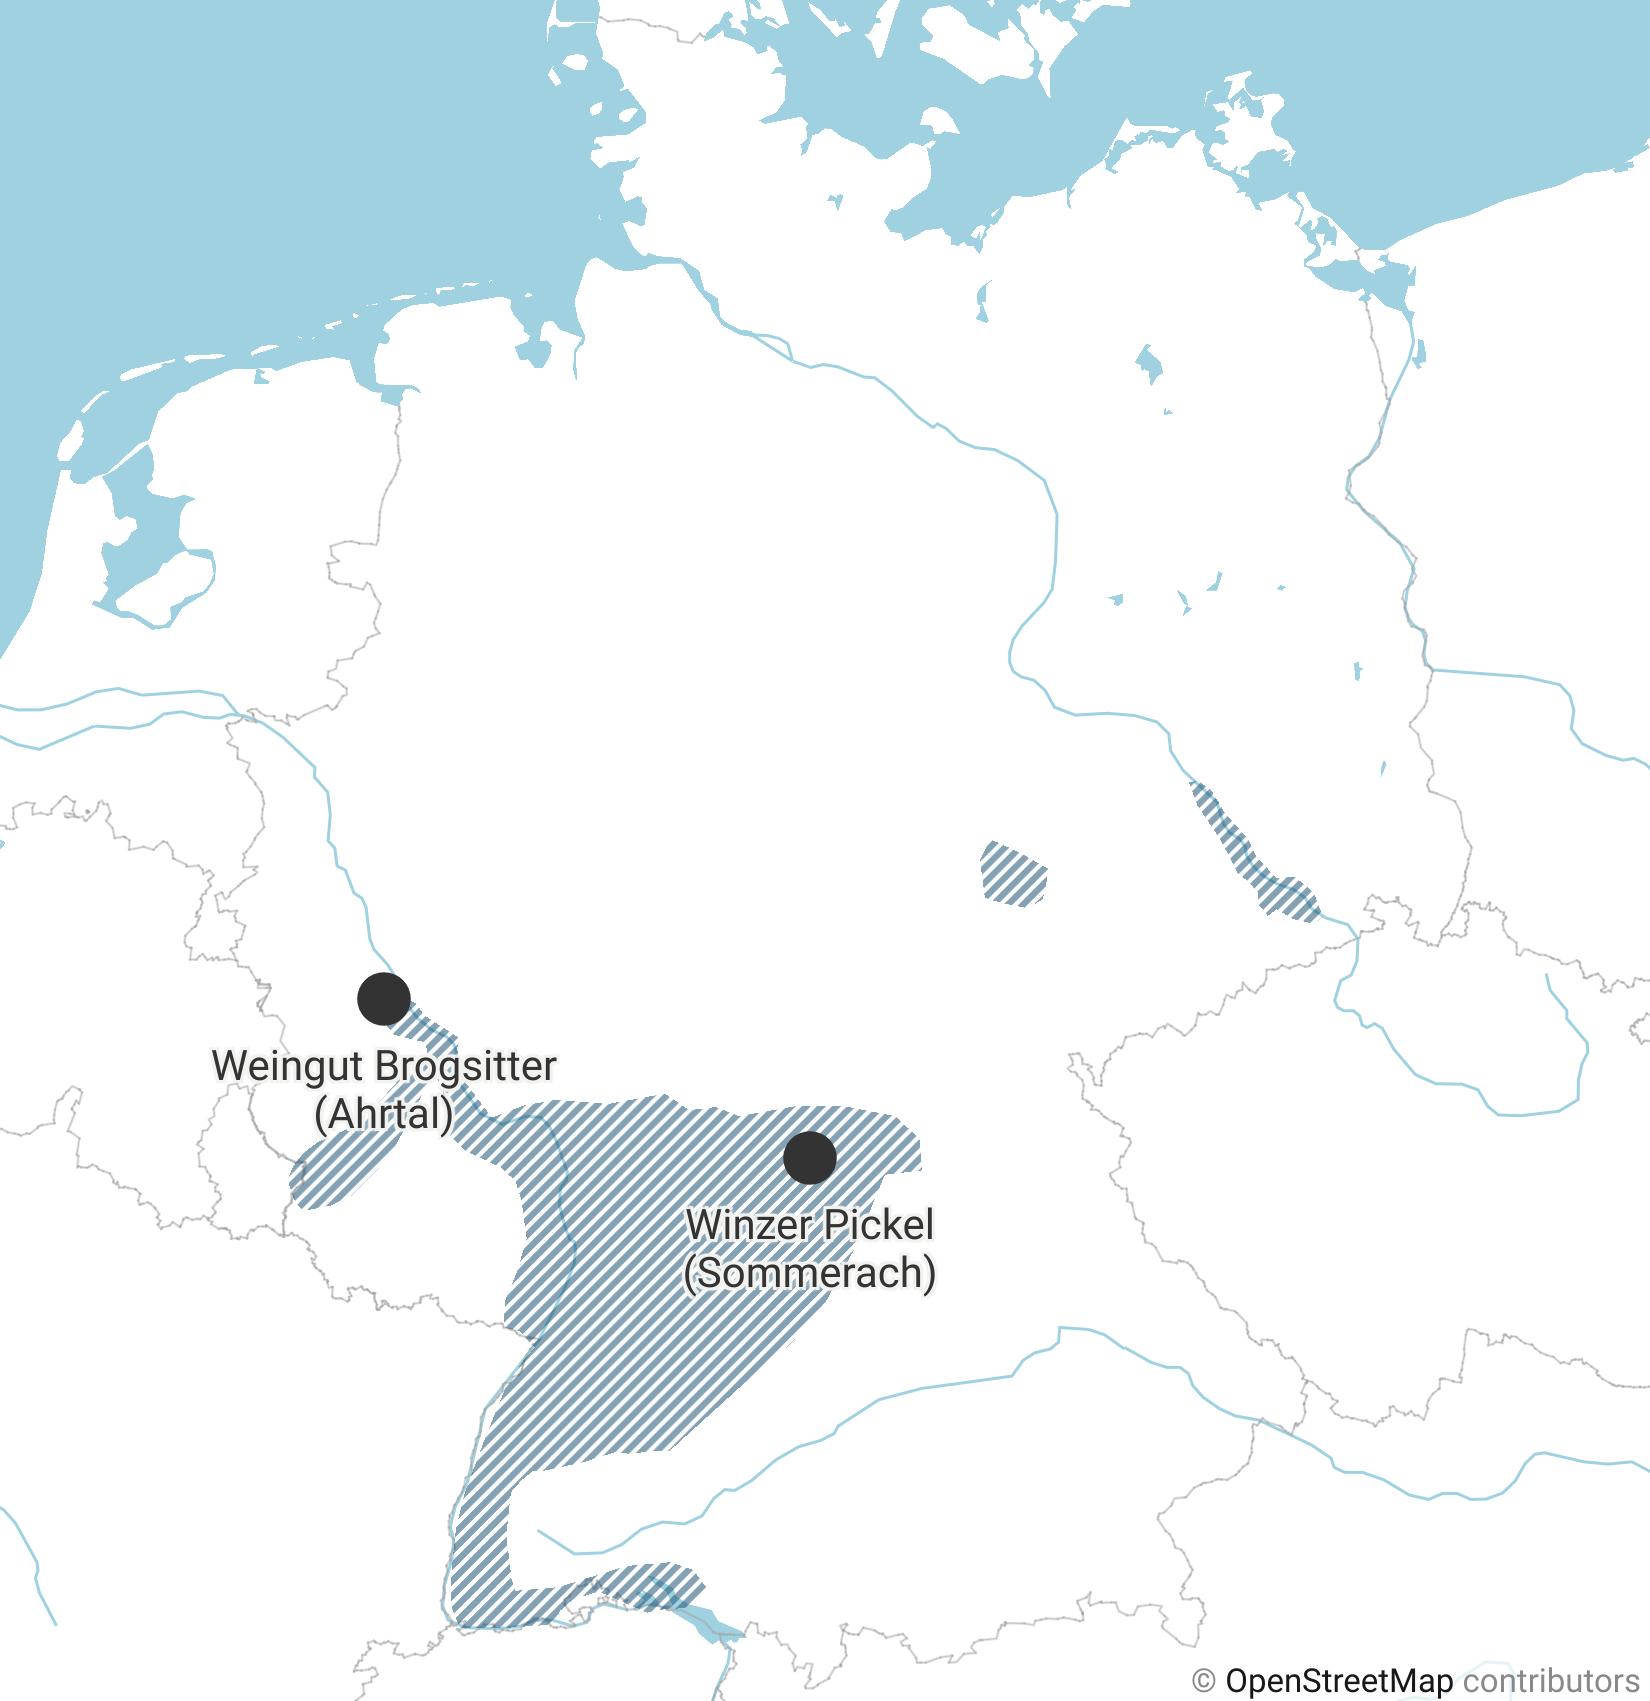 Eine Karte zeigt, in welchen Regionen Deutschlands Wein angebaut wird.